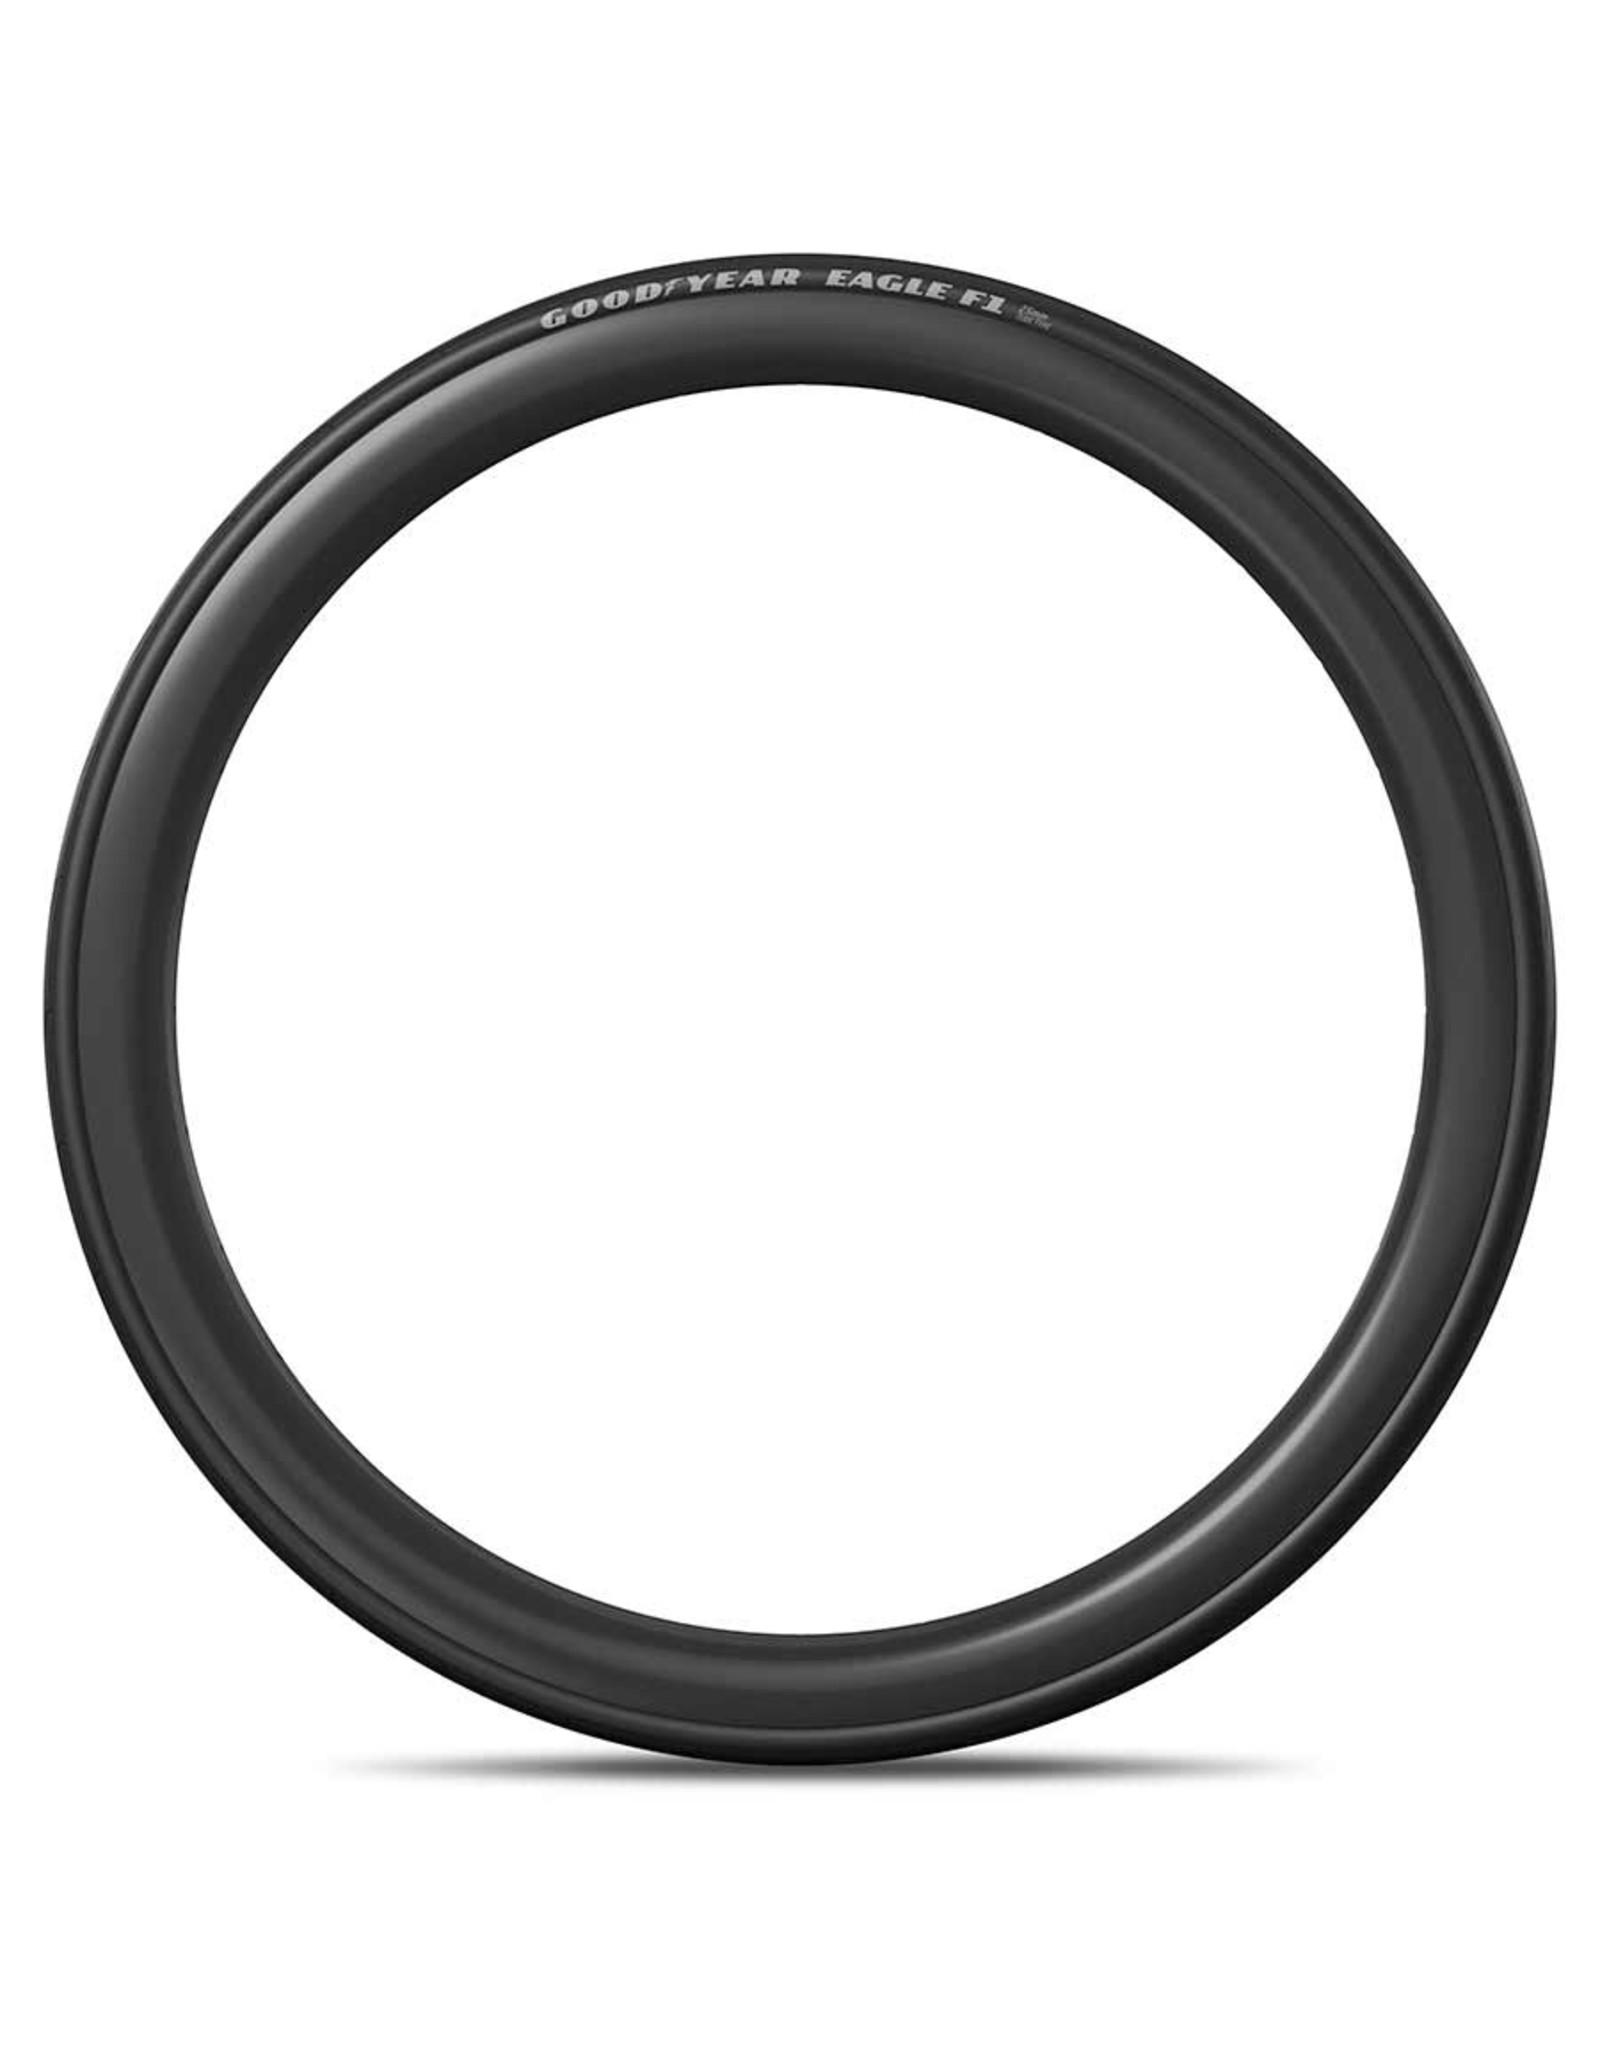 Goodyear, Eagle F1, Tire, 700x23C, Folding, Clincher, Dynamic:GSR, R:Shield, 120TPI, Black